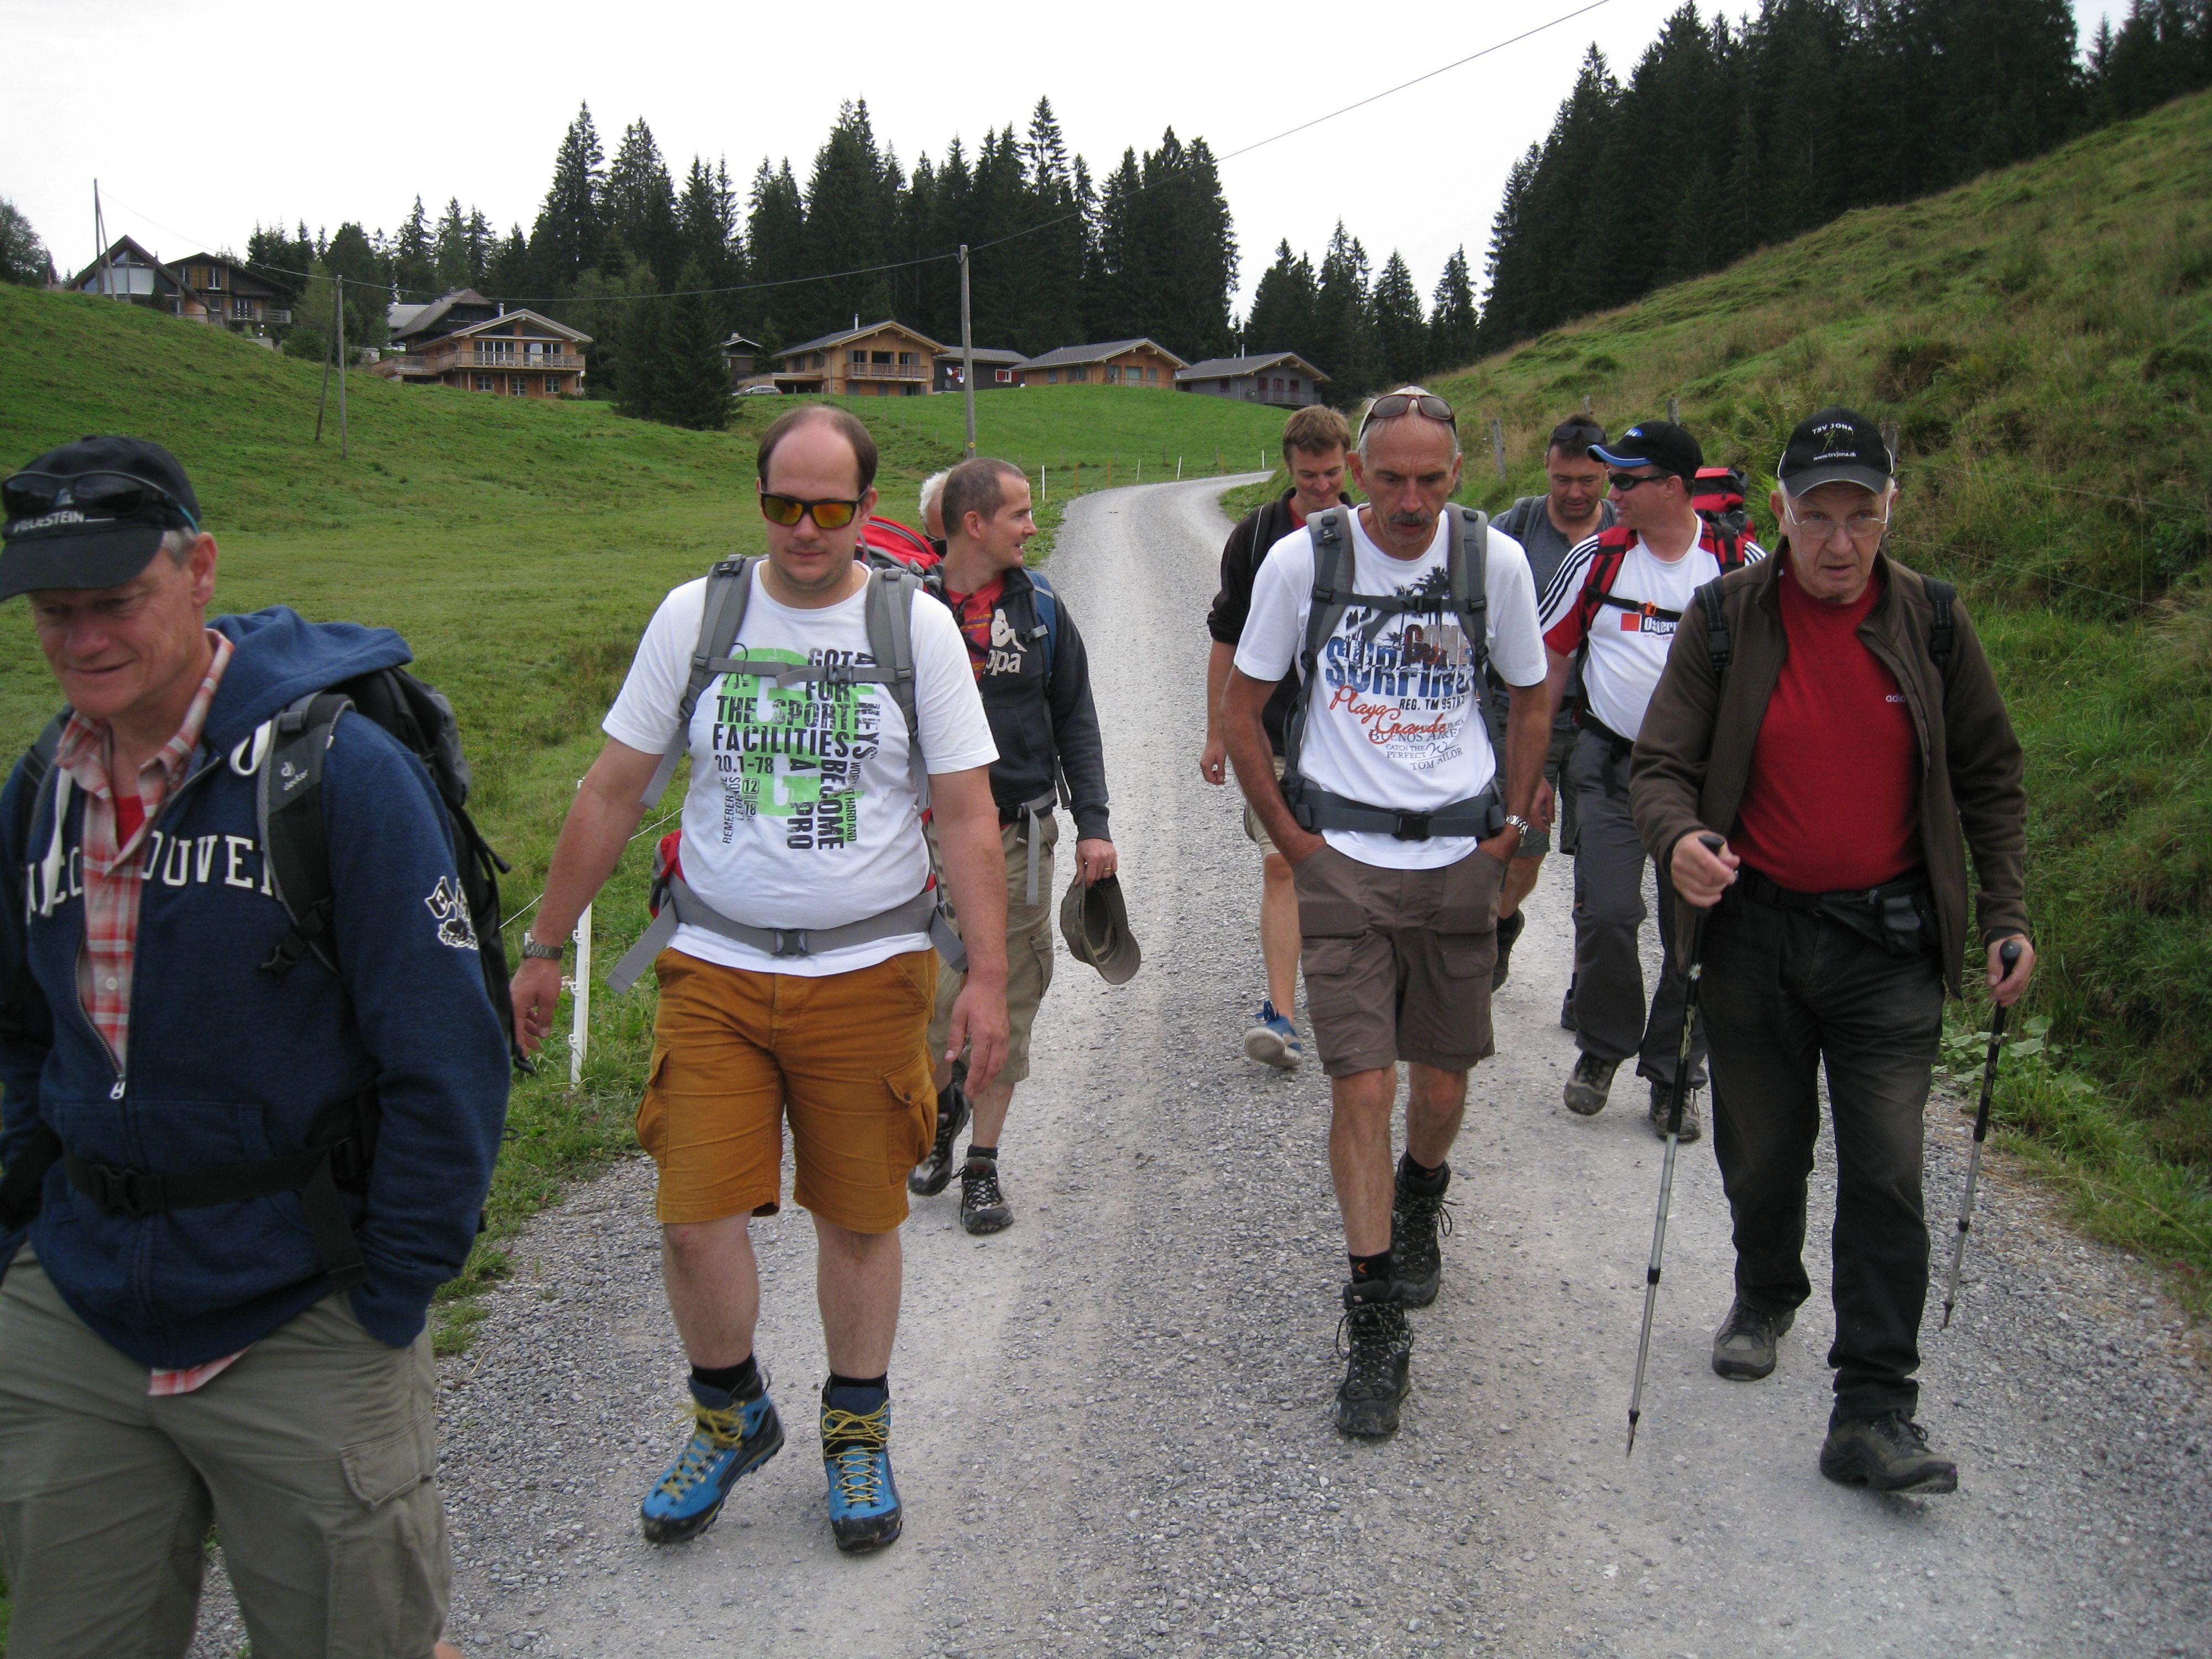 2016-09-04-Entlebuch-164-IMG_5156